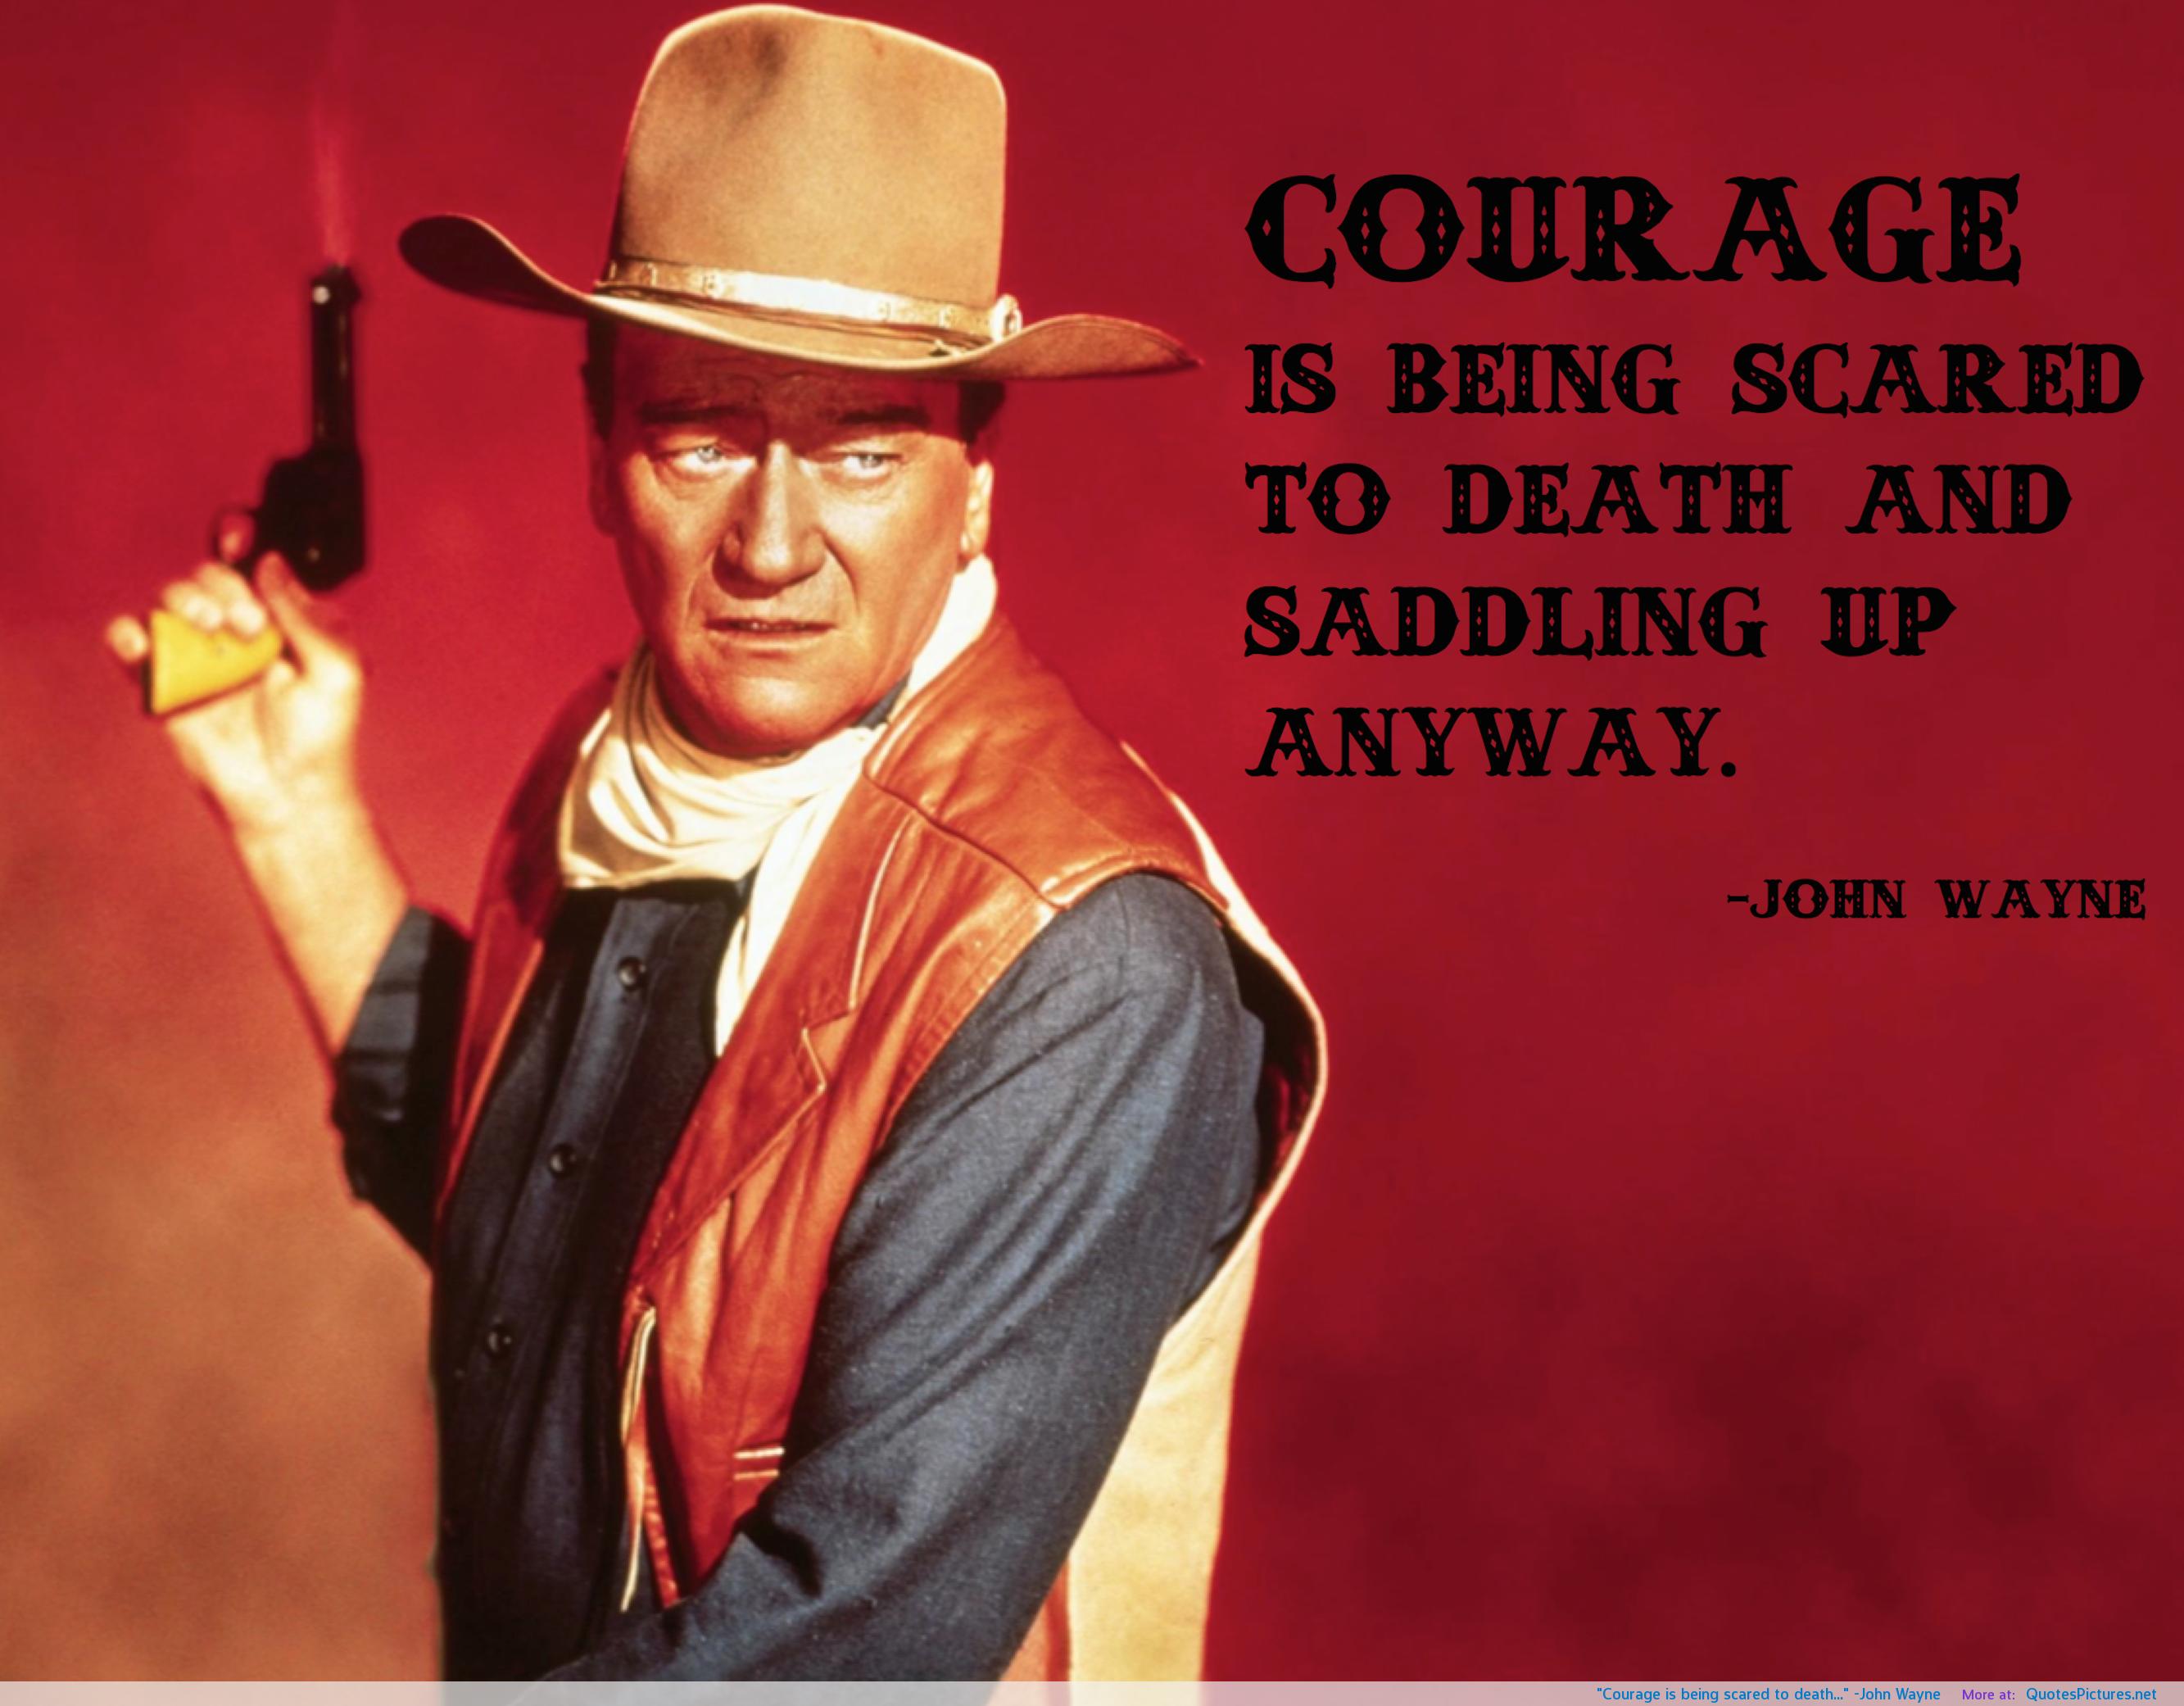 John Wayne Courage John wayne quotes, John wayne, John